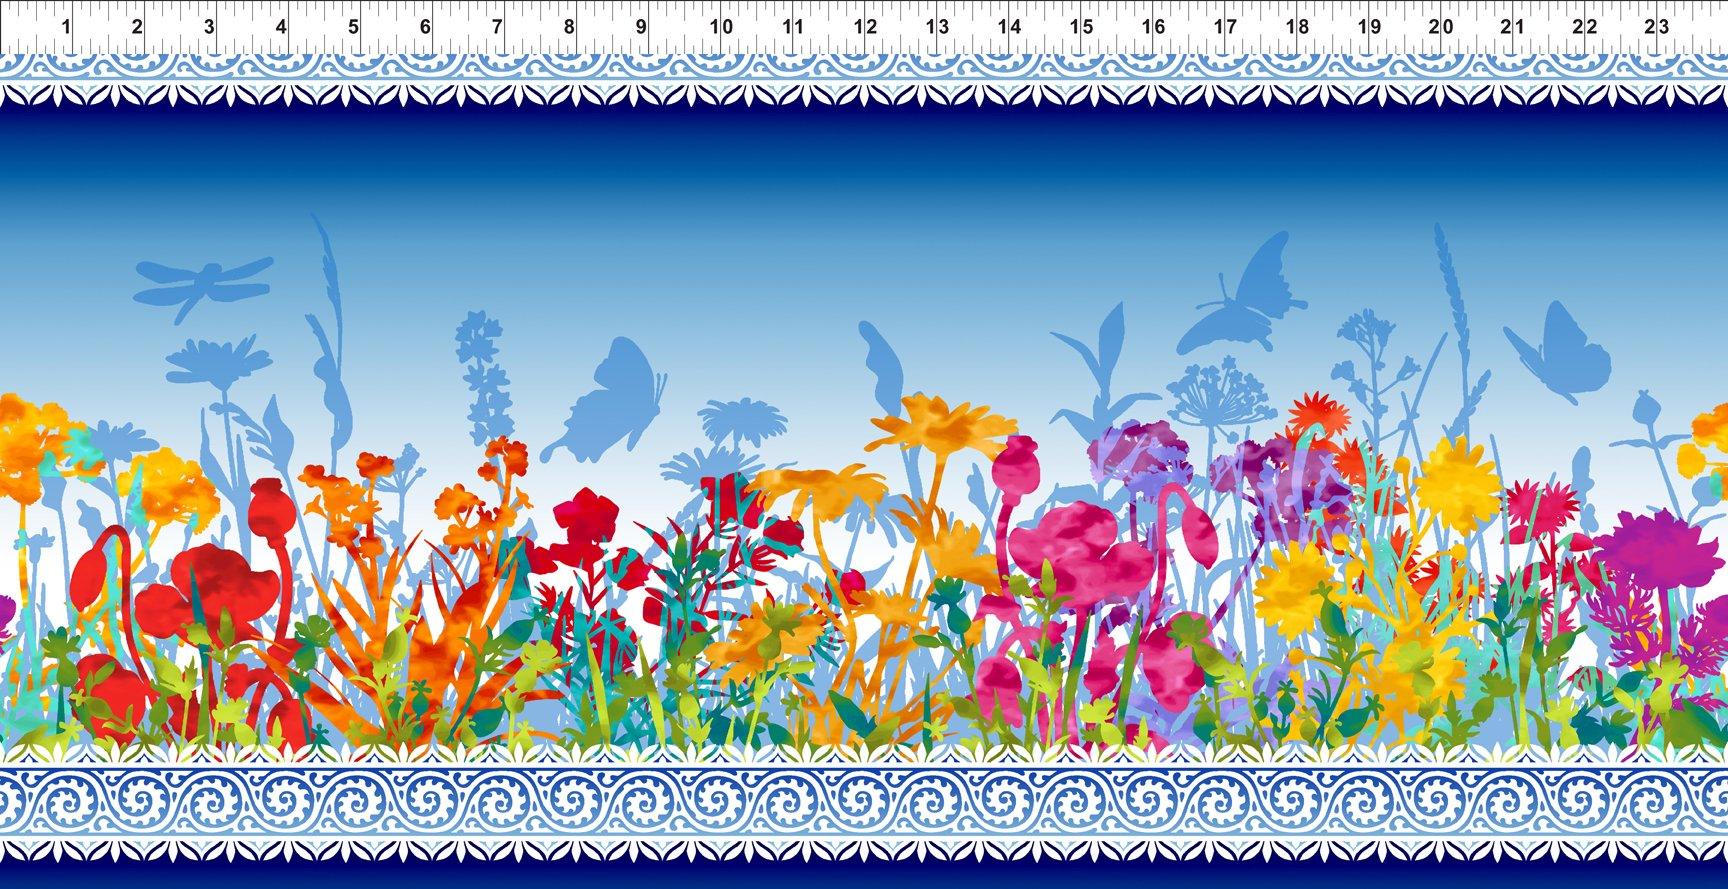 Dreamscapes Border Print Blue